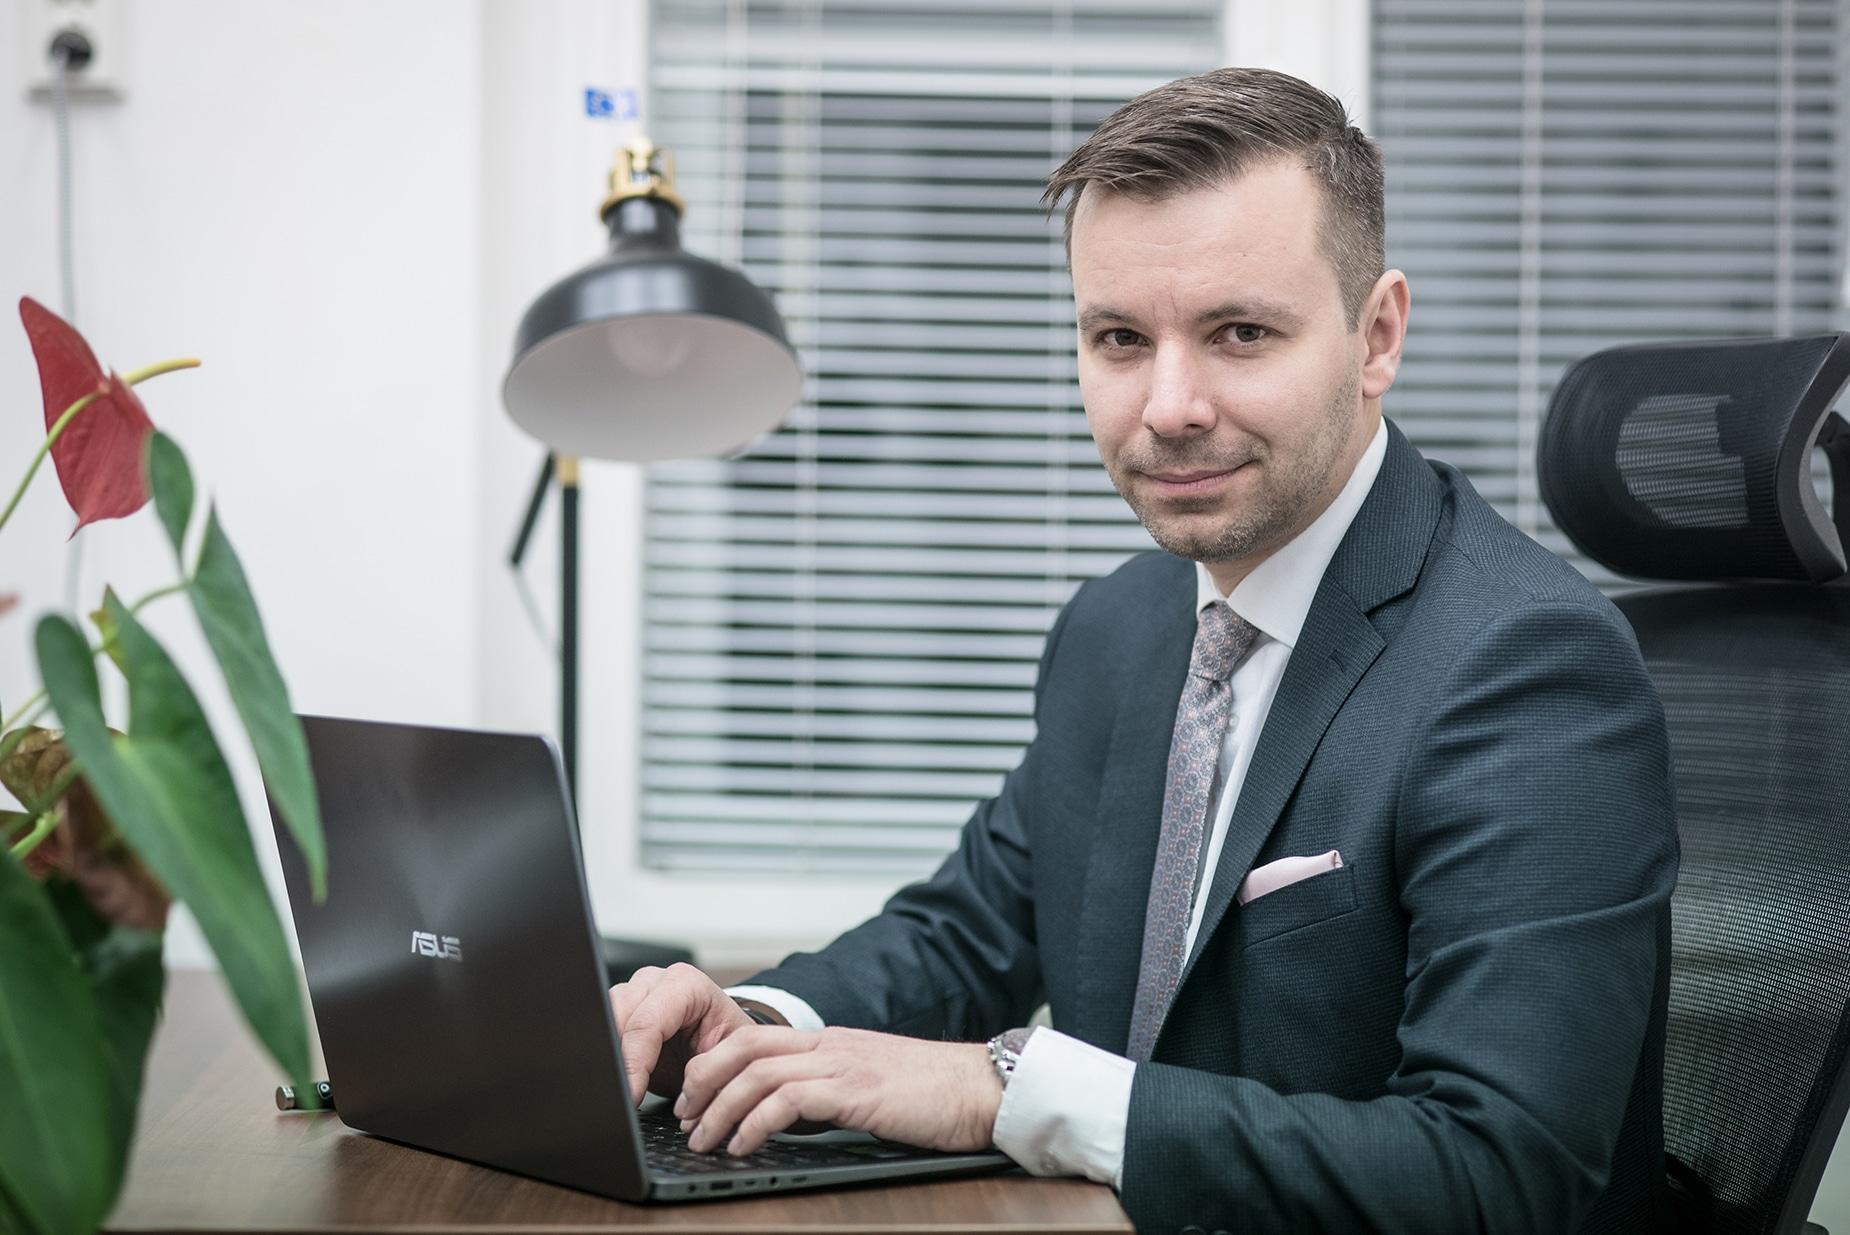 UE para contrarrestar las ciberamenazas